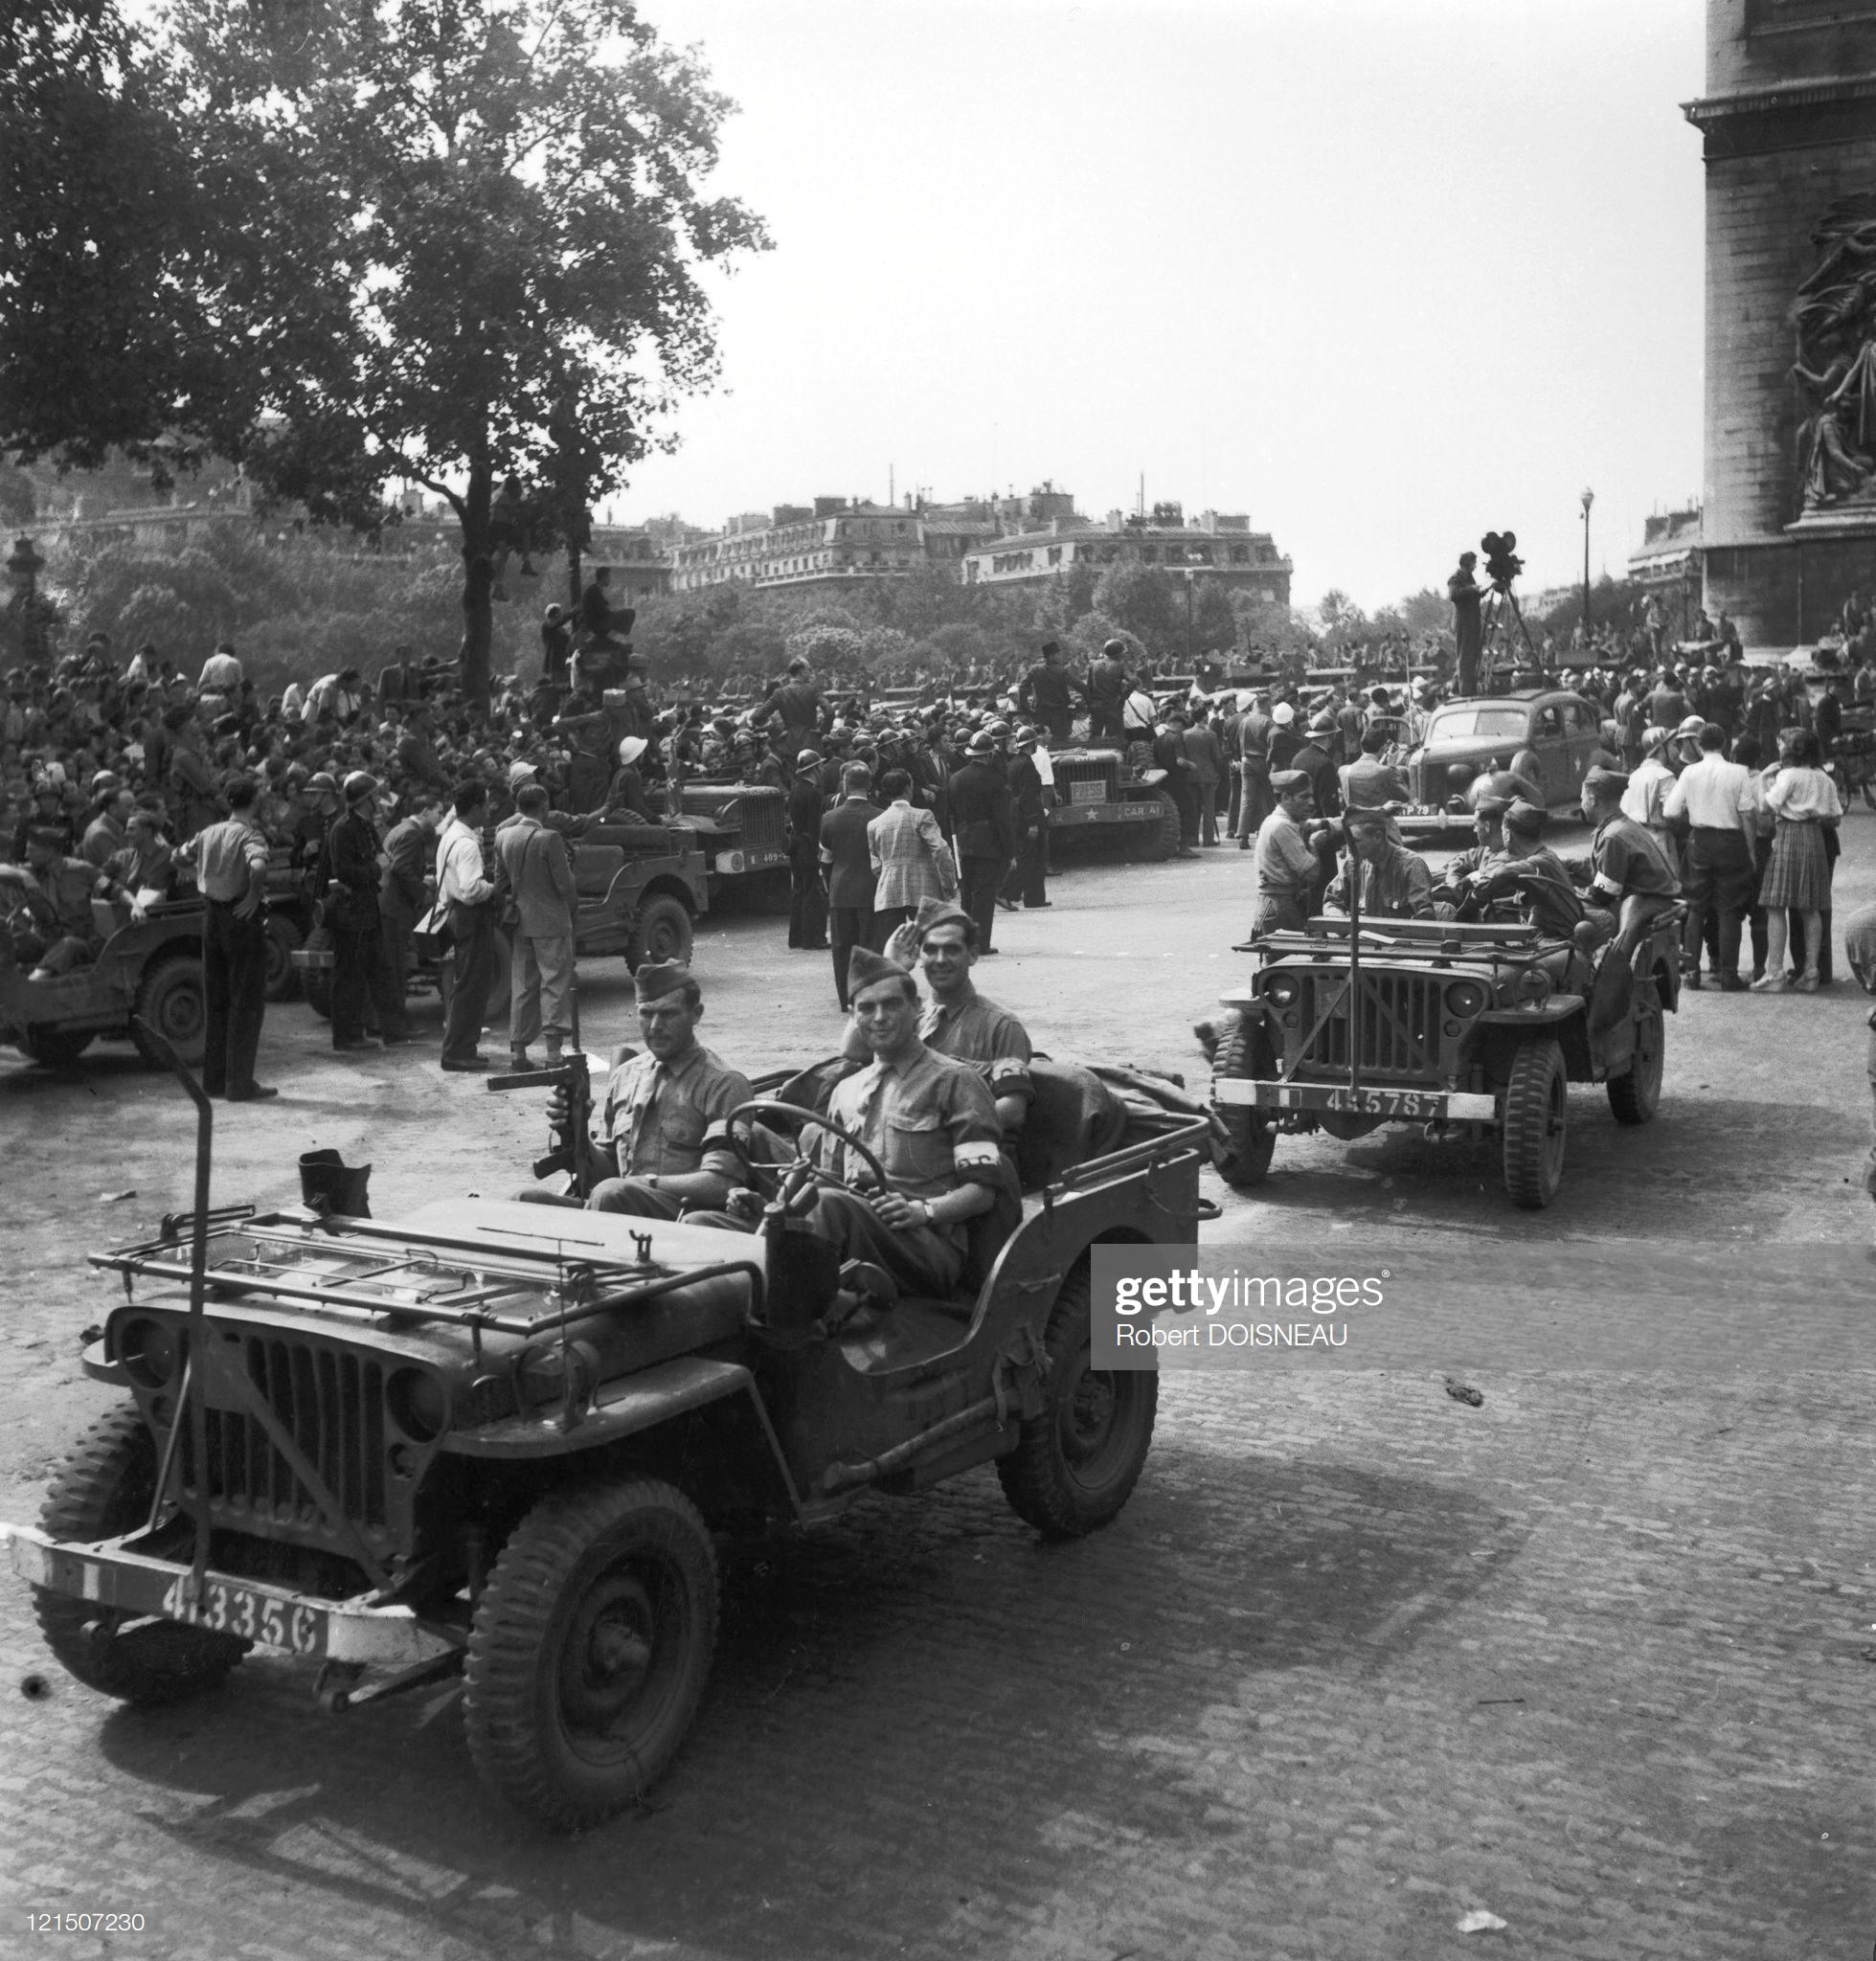 1944. Освобождение Парижа, военный парад на Елисейских полях